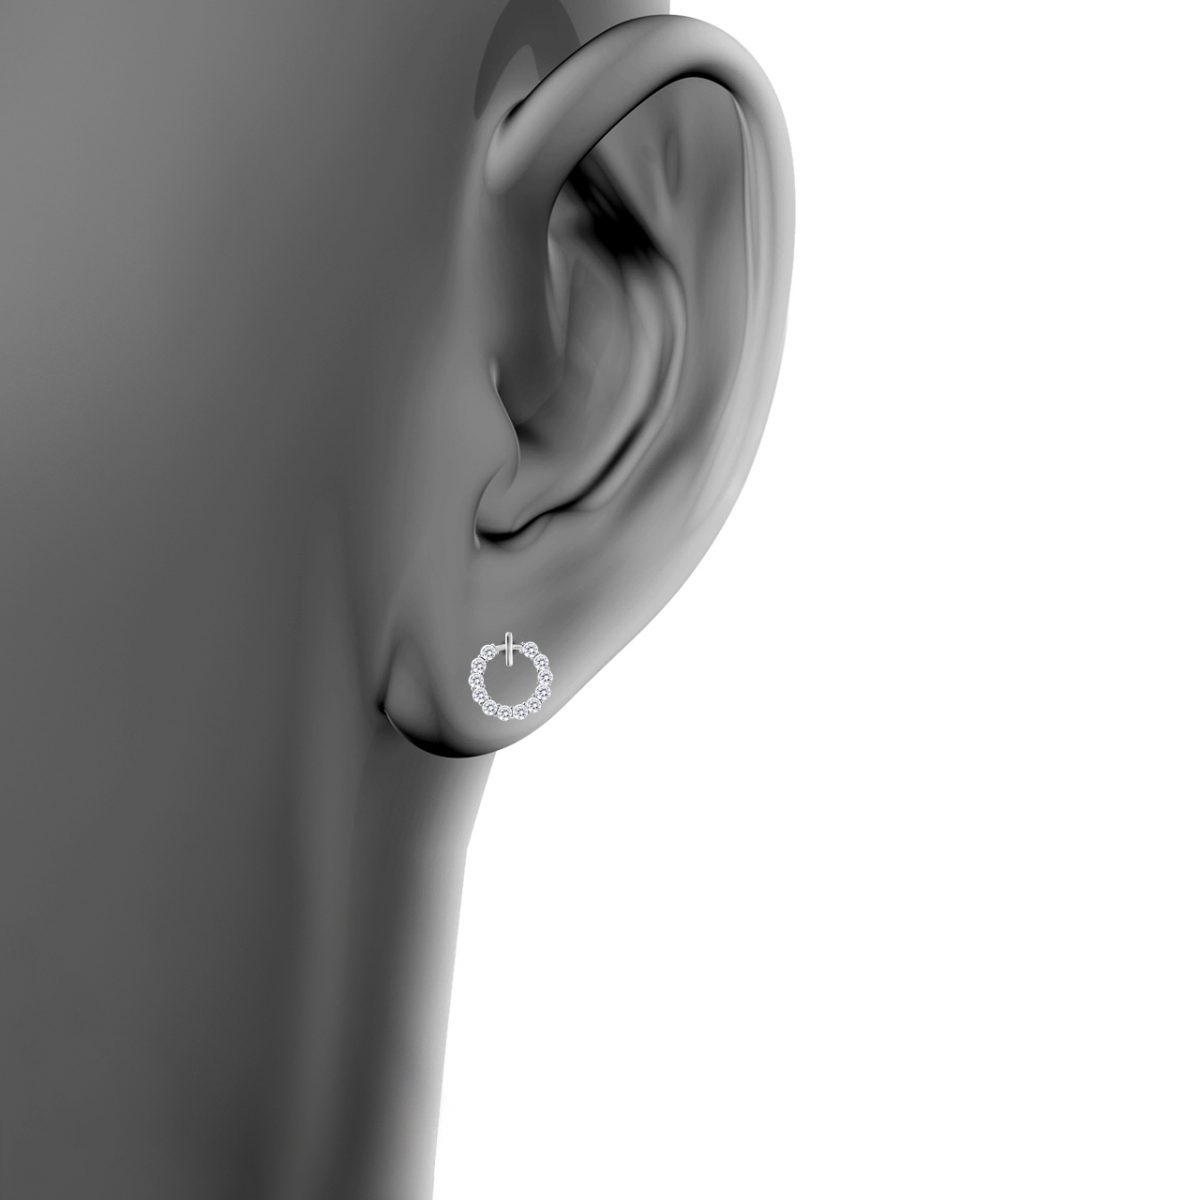 گوشواره نقره زنانه اقلیمه کد EN402